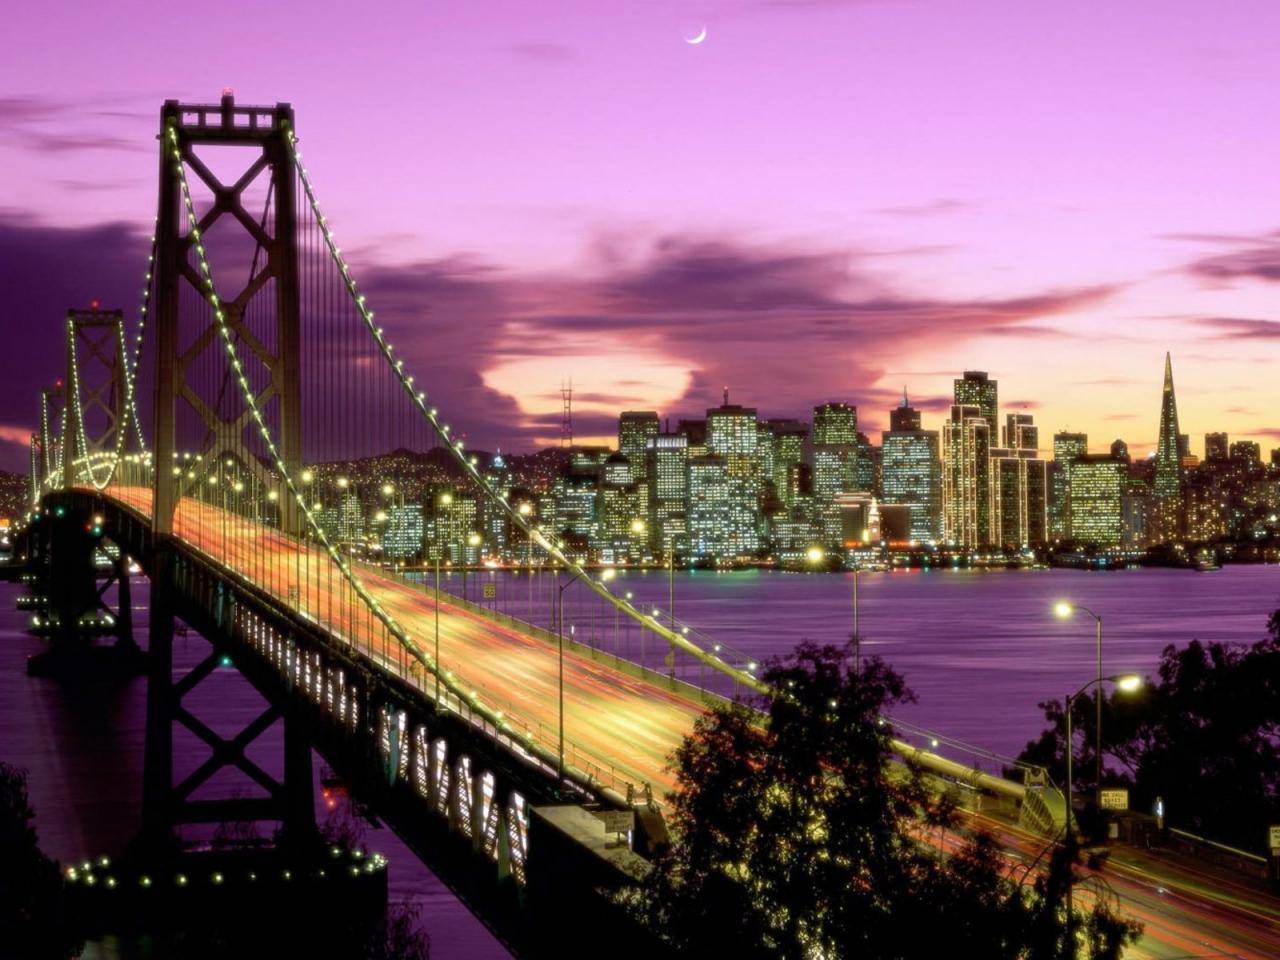 Vista nocturna de ciudad - 1280x960